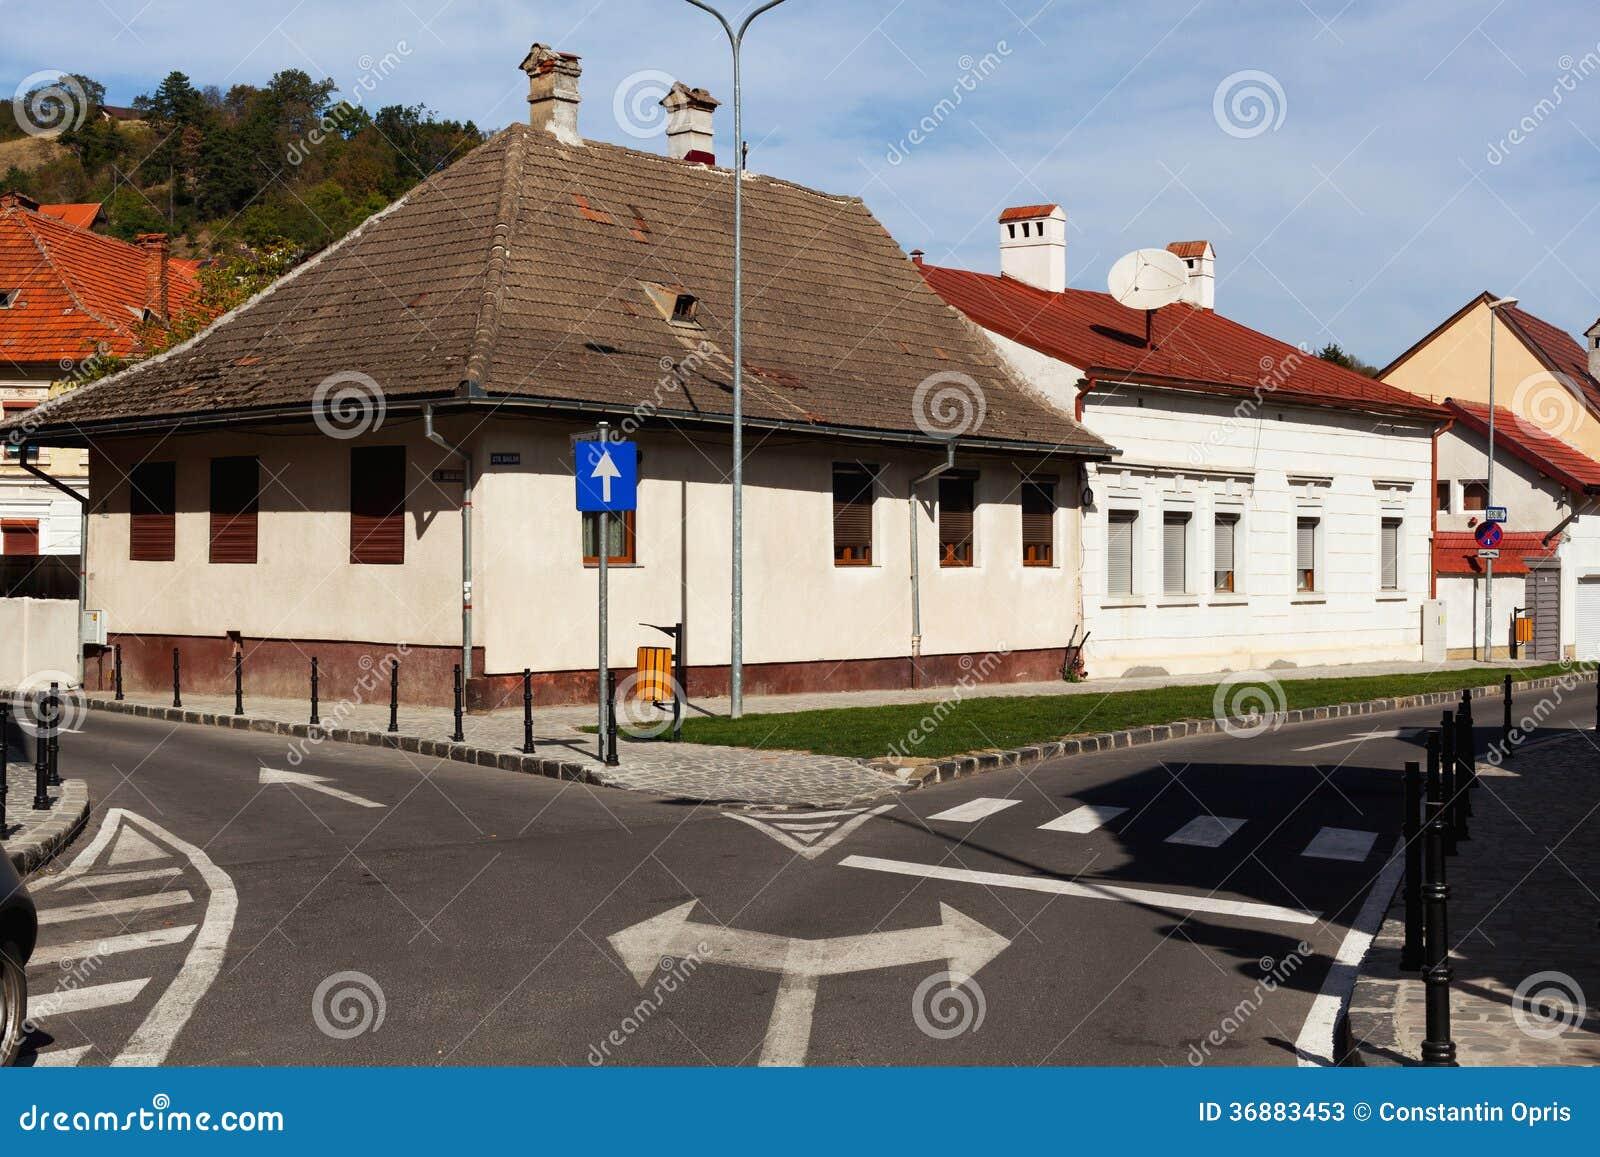 Download Vie e case della città immagine stock. Immagine di zebra - 36883453